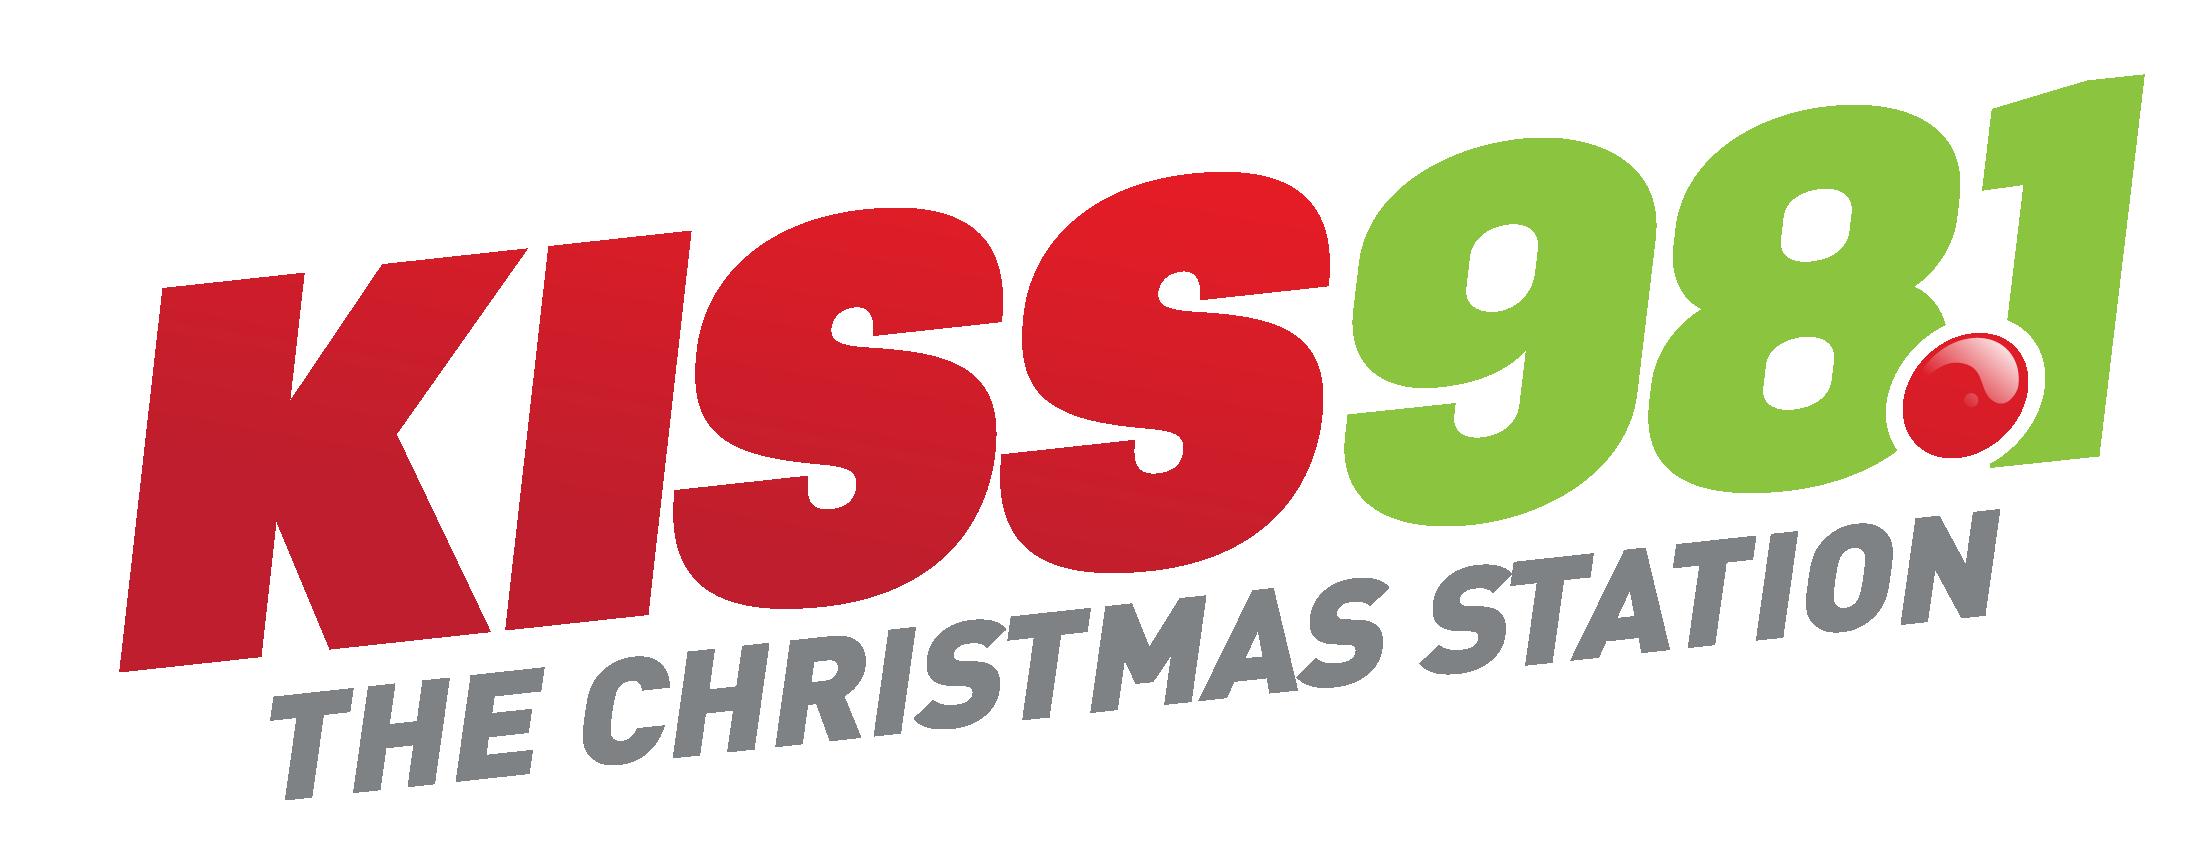 KISS 98.1 - The Christmas Station